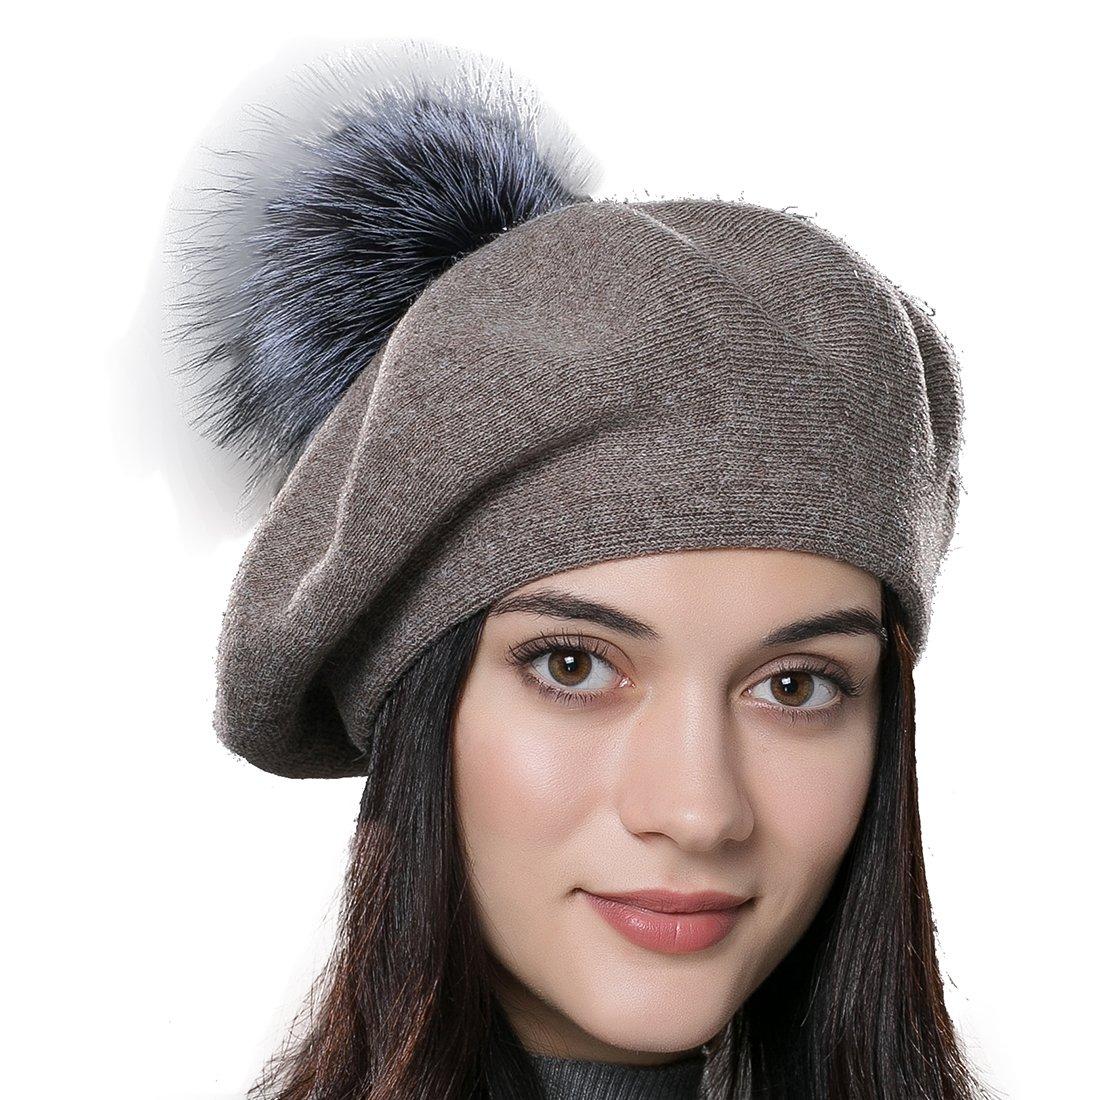 c83915a5104 URSFUR Unisex Winter Hat Womens Knit Wool Beret Cap with Fur Ball Pom Pom  .Ltd